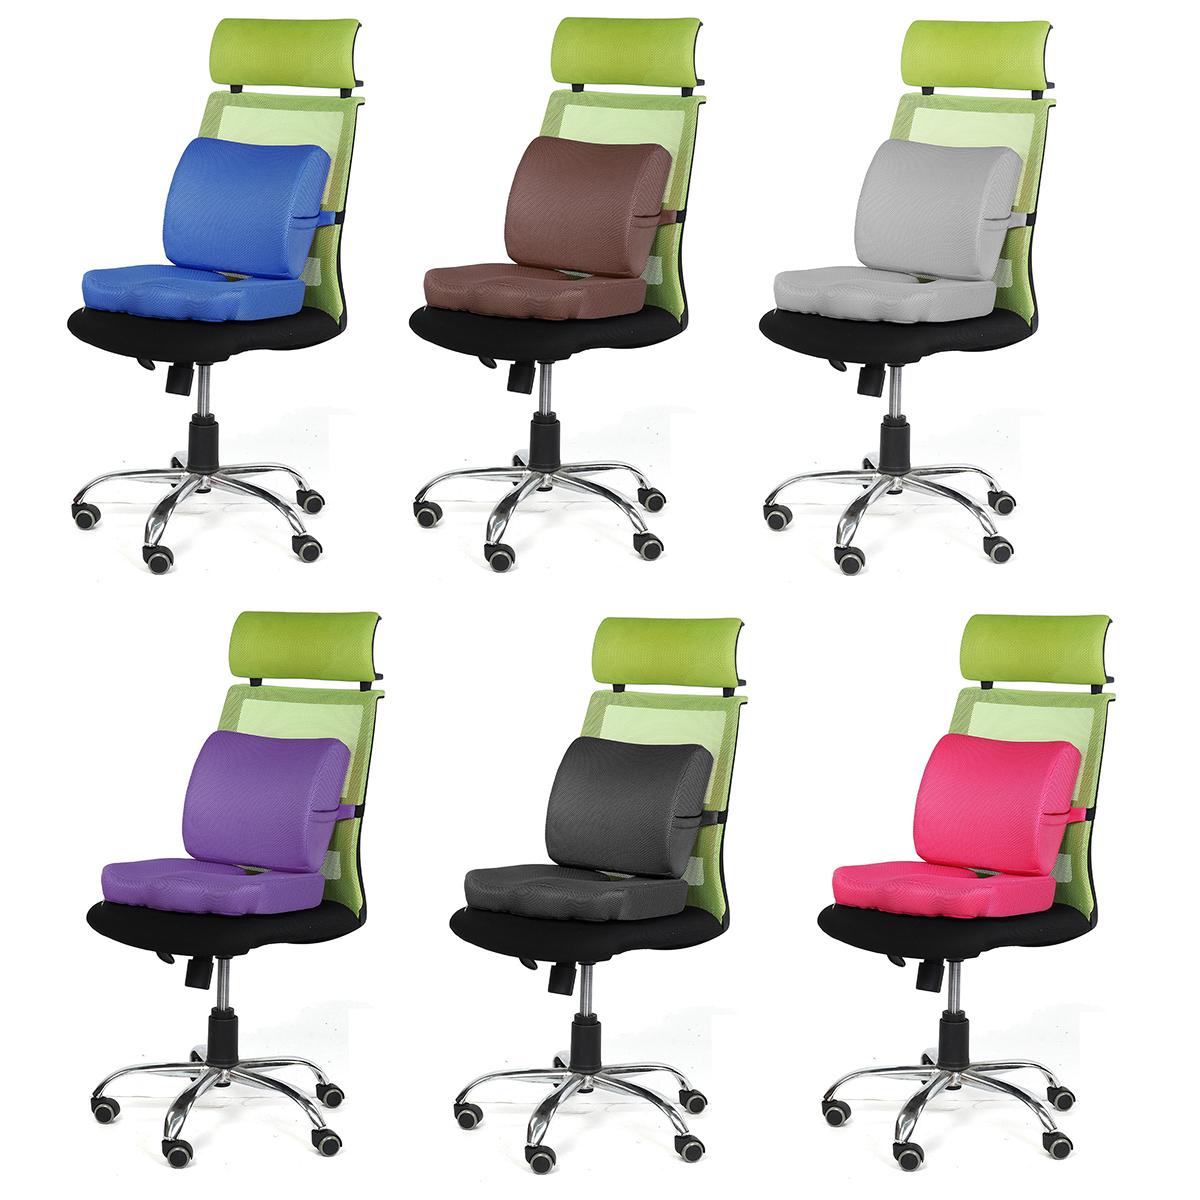 Cushion Office waist cushion seat cushion memory cotton hemorrhoid cushion car cushion backrest waist cushion chair